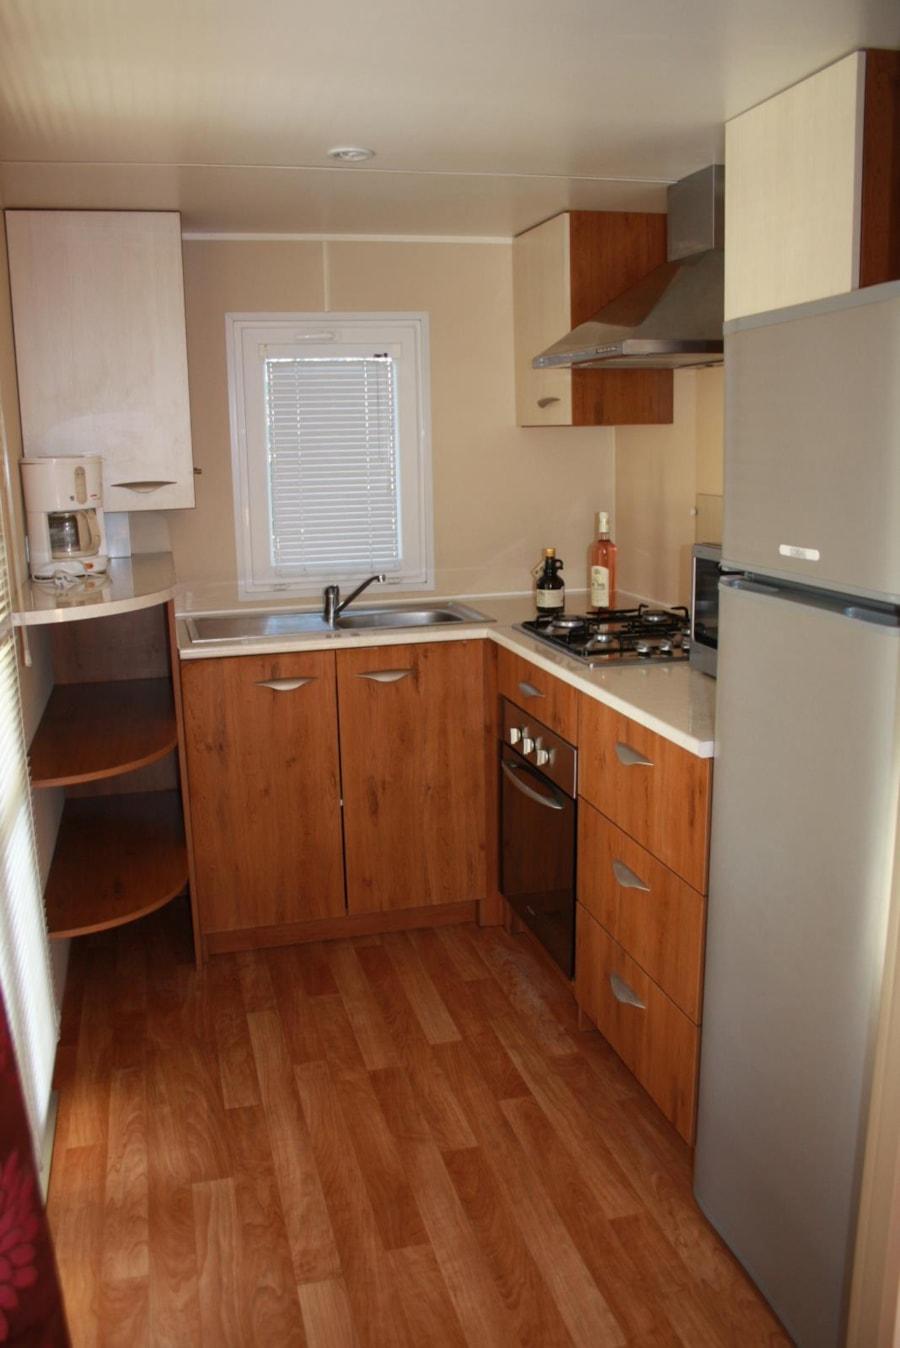 Location Mobil Home Luxe 33 - cuisine équipée - Camping Chantecler ★★★★ Aix en Provence (Sud de la France)